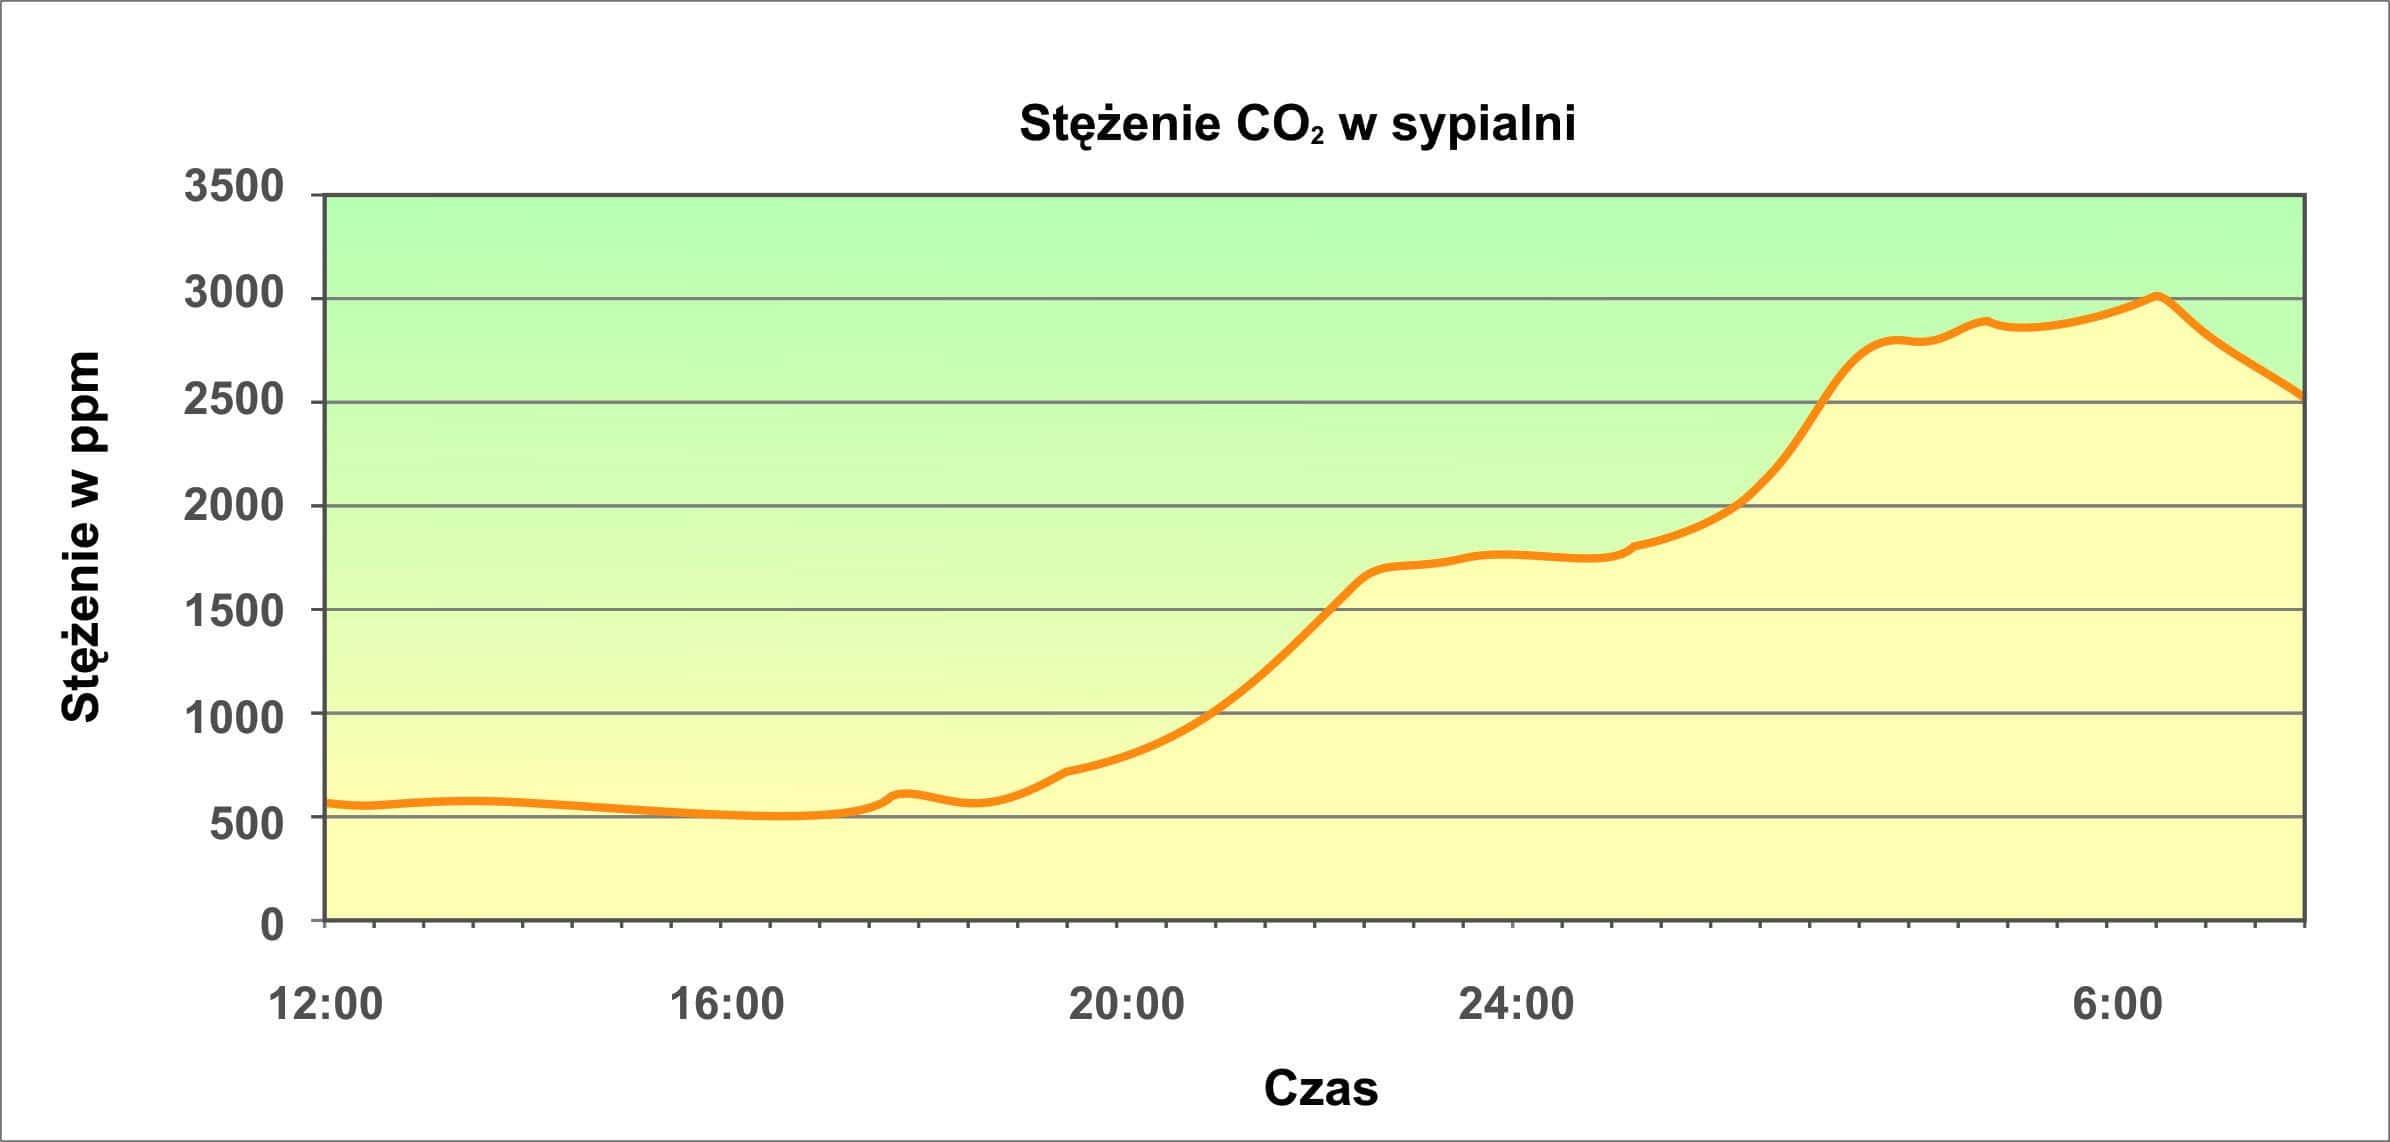 stezenie dwutlenku węgla w sypialni